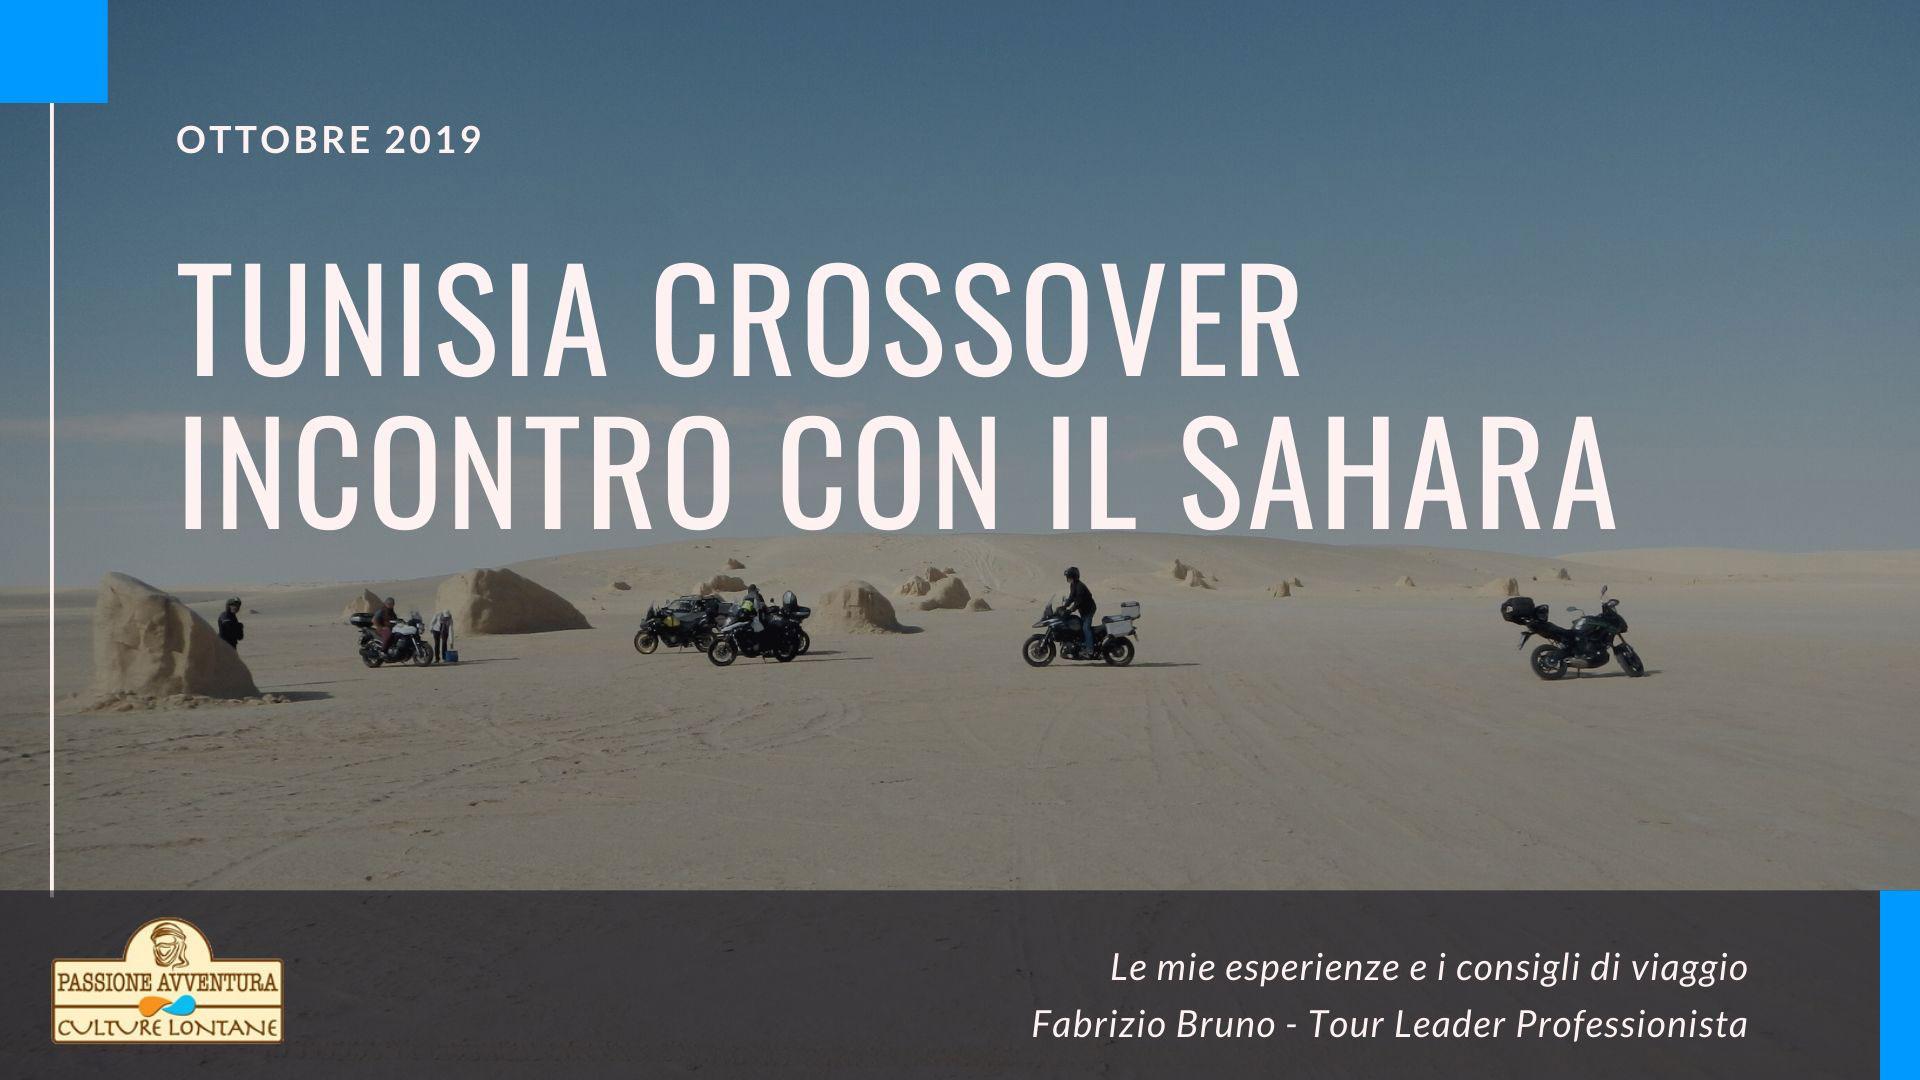 Tunisia Crossover Ottobre 2019: Incontro Con Il Sahara